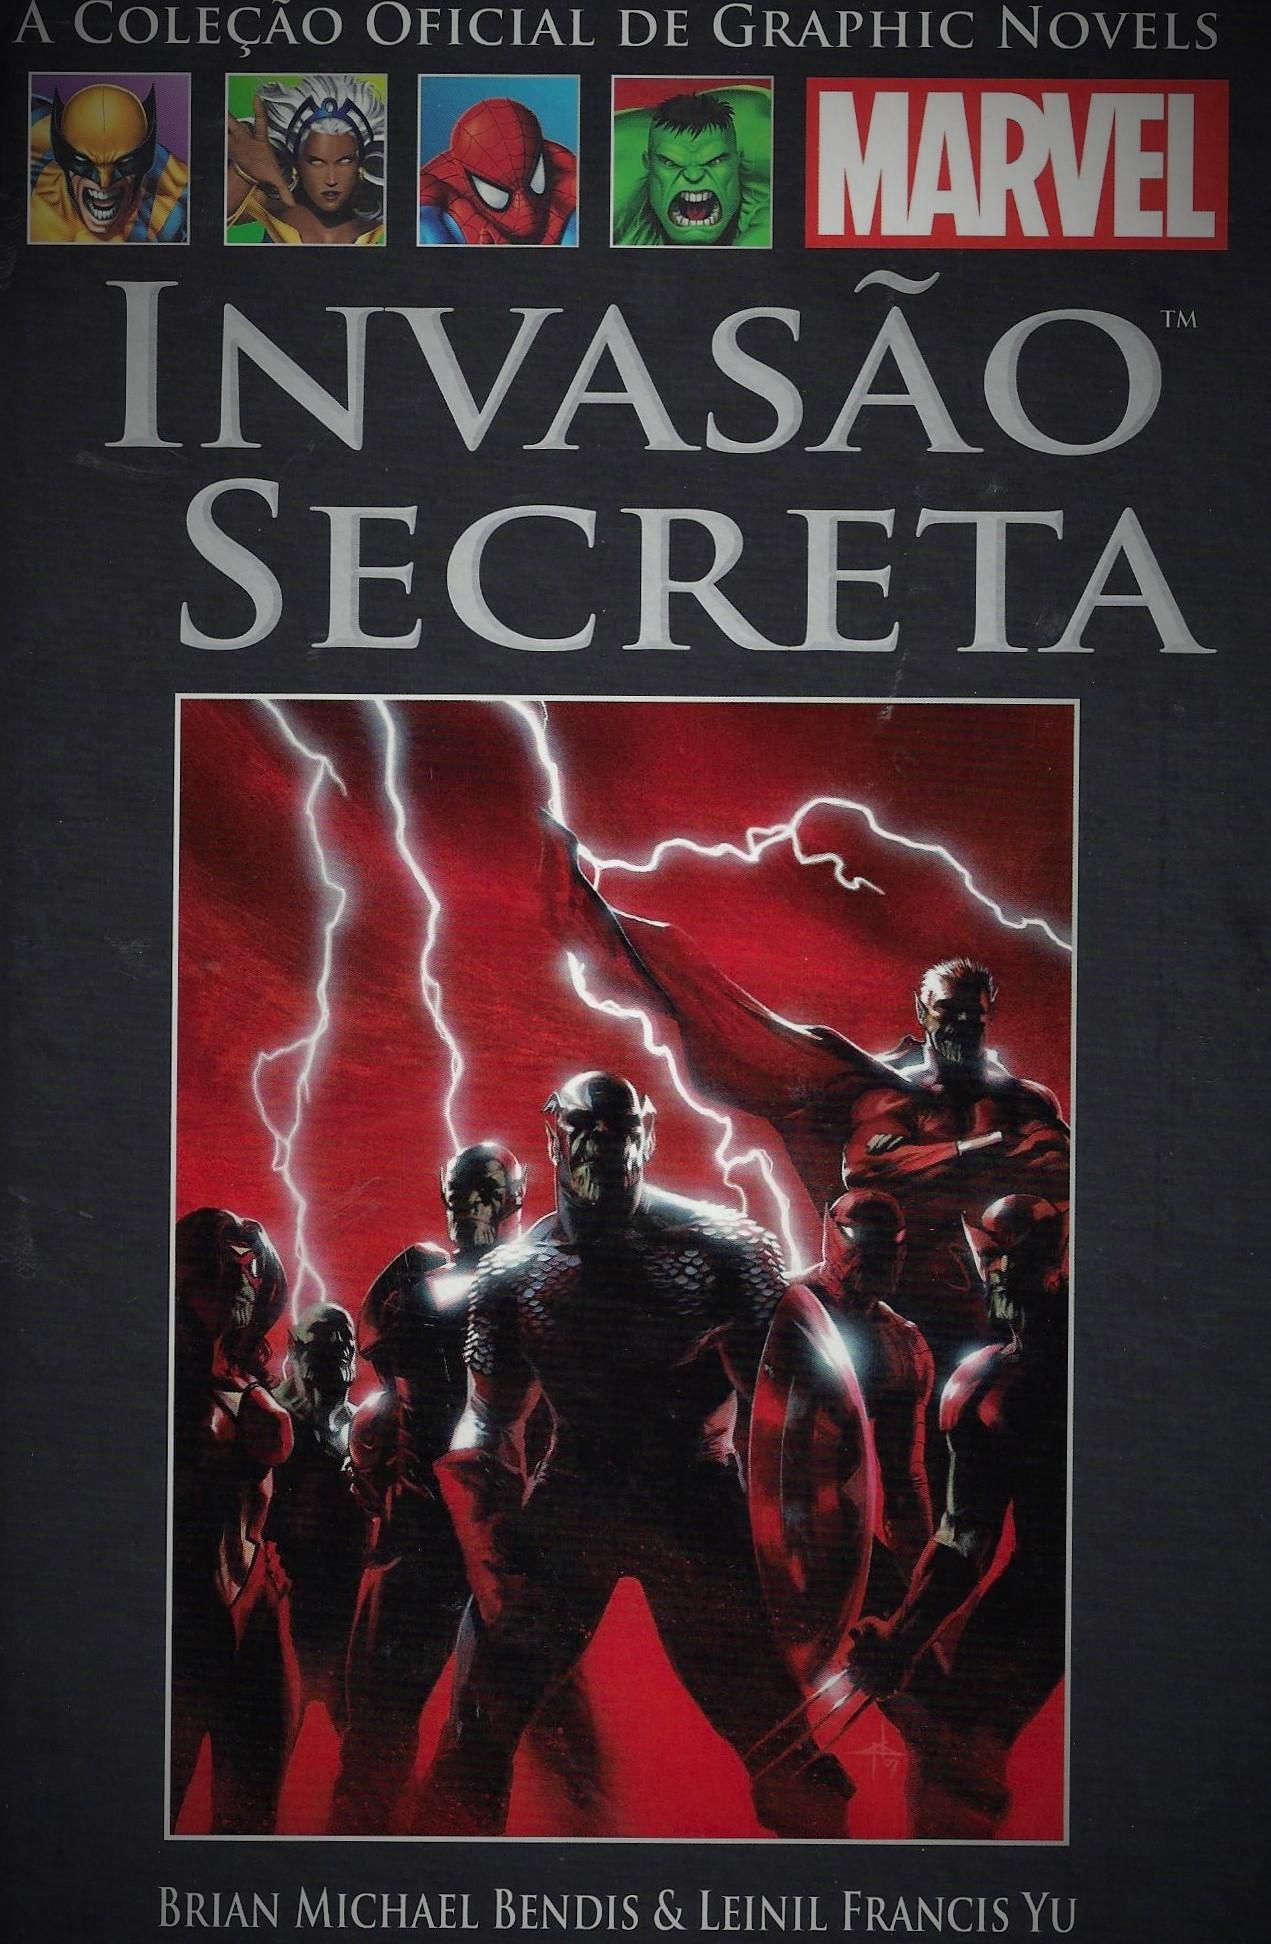 Invasão Secreta (A Coleção Oficial de Graphic Novels da Marvel, #55)  by  Brian Michael Bendis